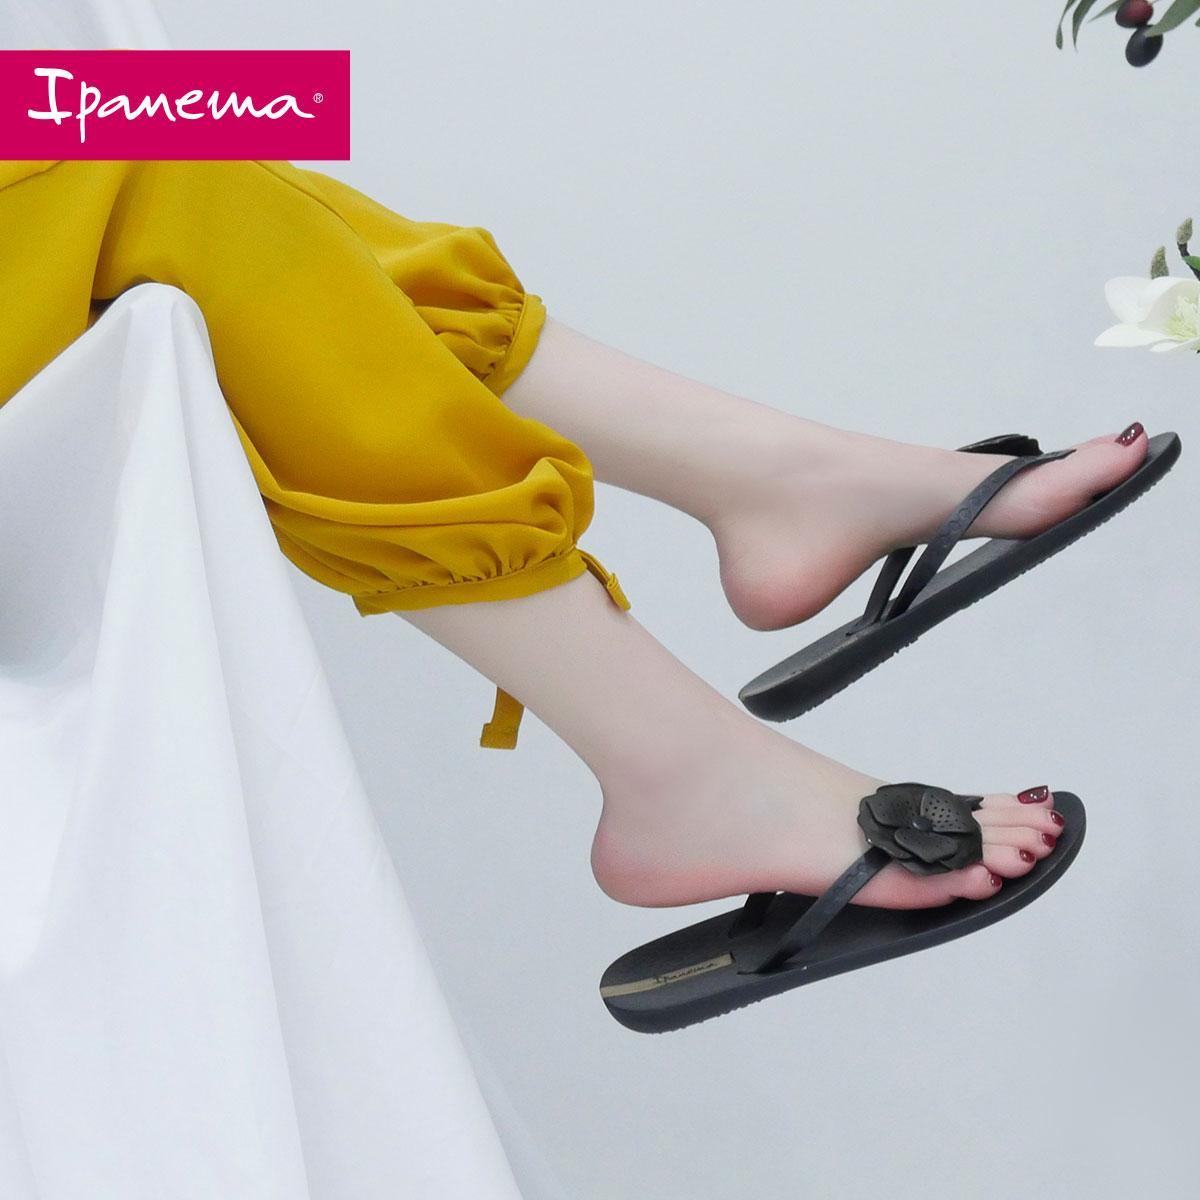 巴西 ipanema 依帕内玛 山茶花系列 女式夹趾拖鞋 凉鞋 天猫优惠券折后¥209包邮(¥239-30)多色可选